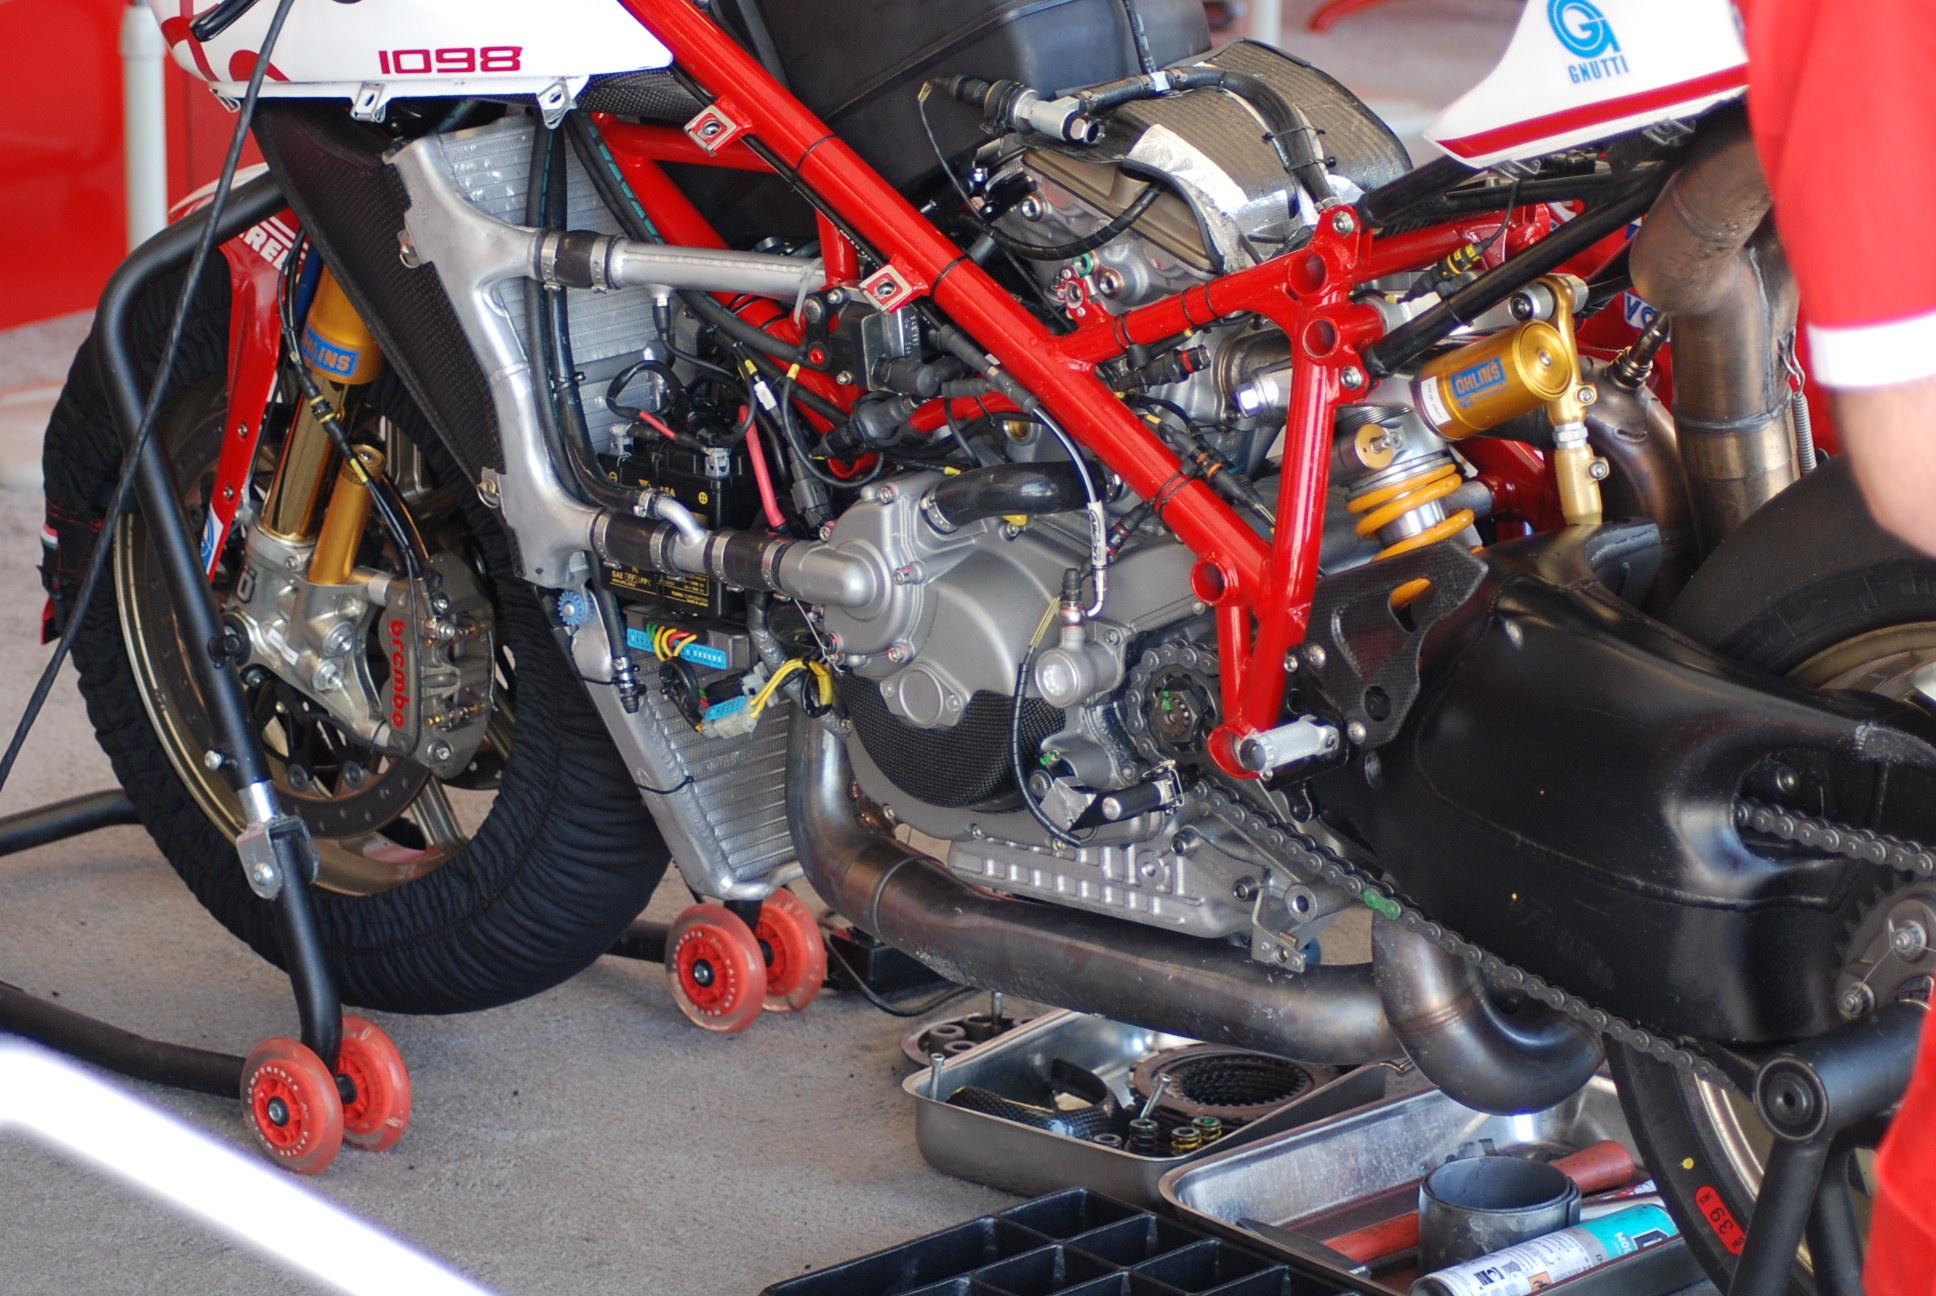 68534d1274273980-difference-between-1098r-sbk-race-bike-dsc_0523.jpg